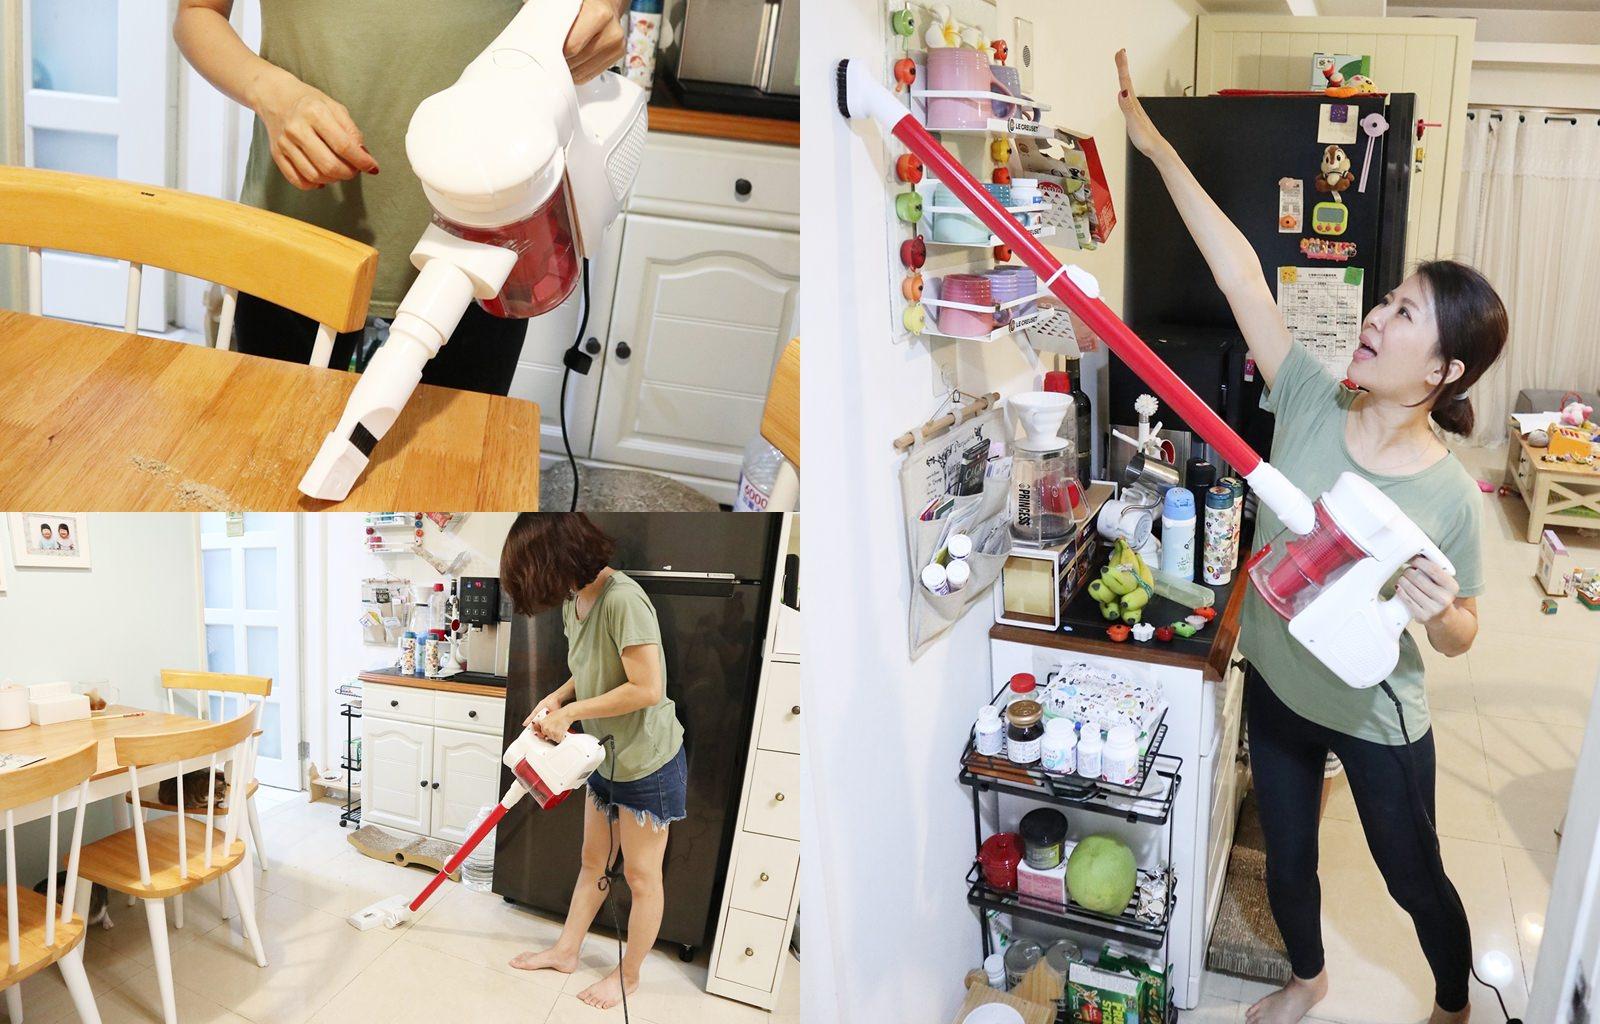 【家電】韓國【HEUM】旋風式手提吸塵器 生活中不能缺少的清潔好物 小資族輕鬆入手